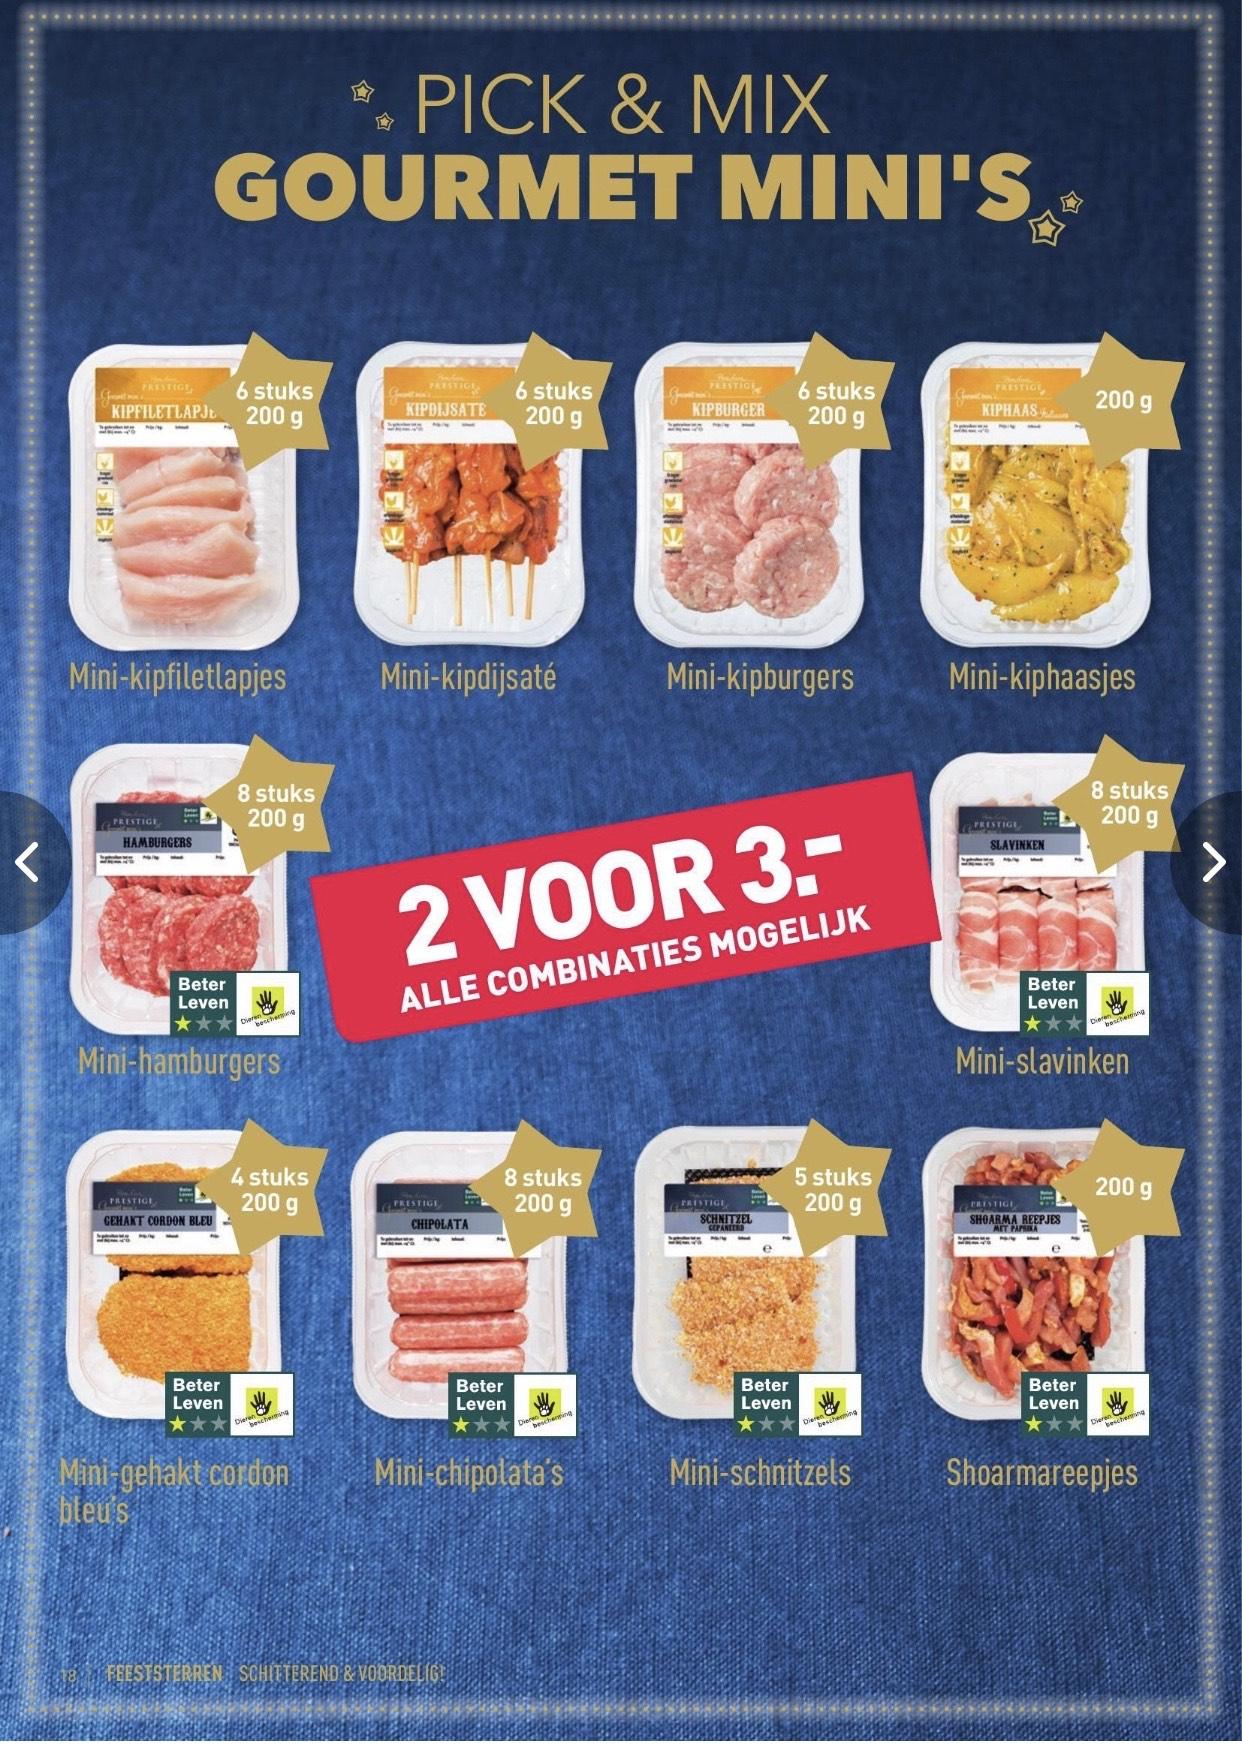 ALDI - Gourmet mini's 2 voor €3